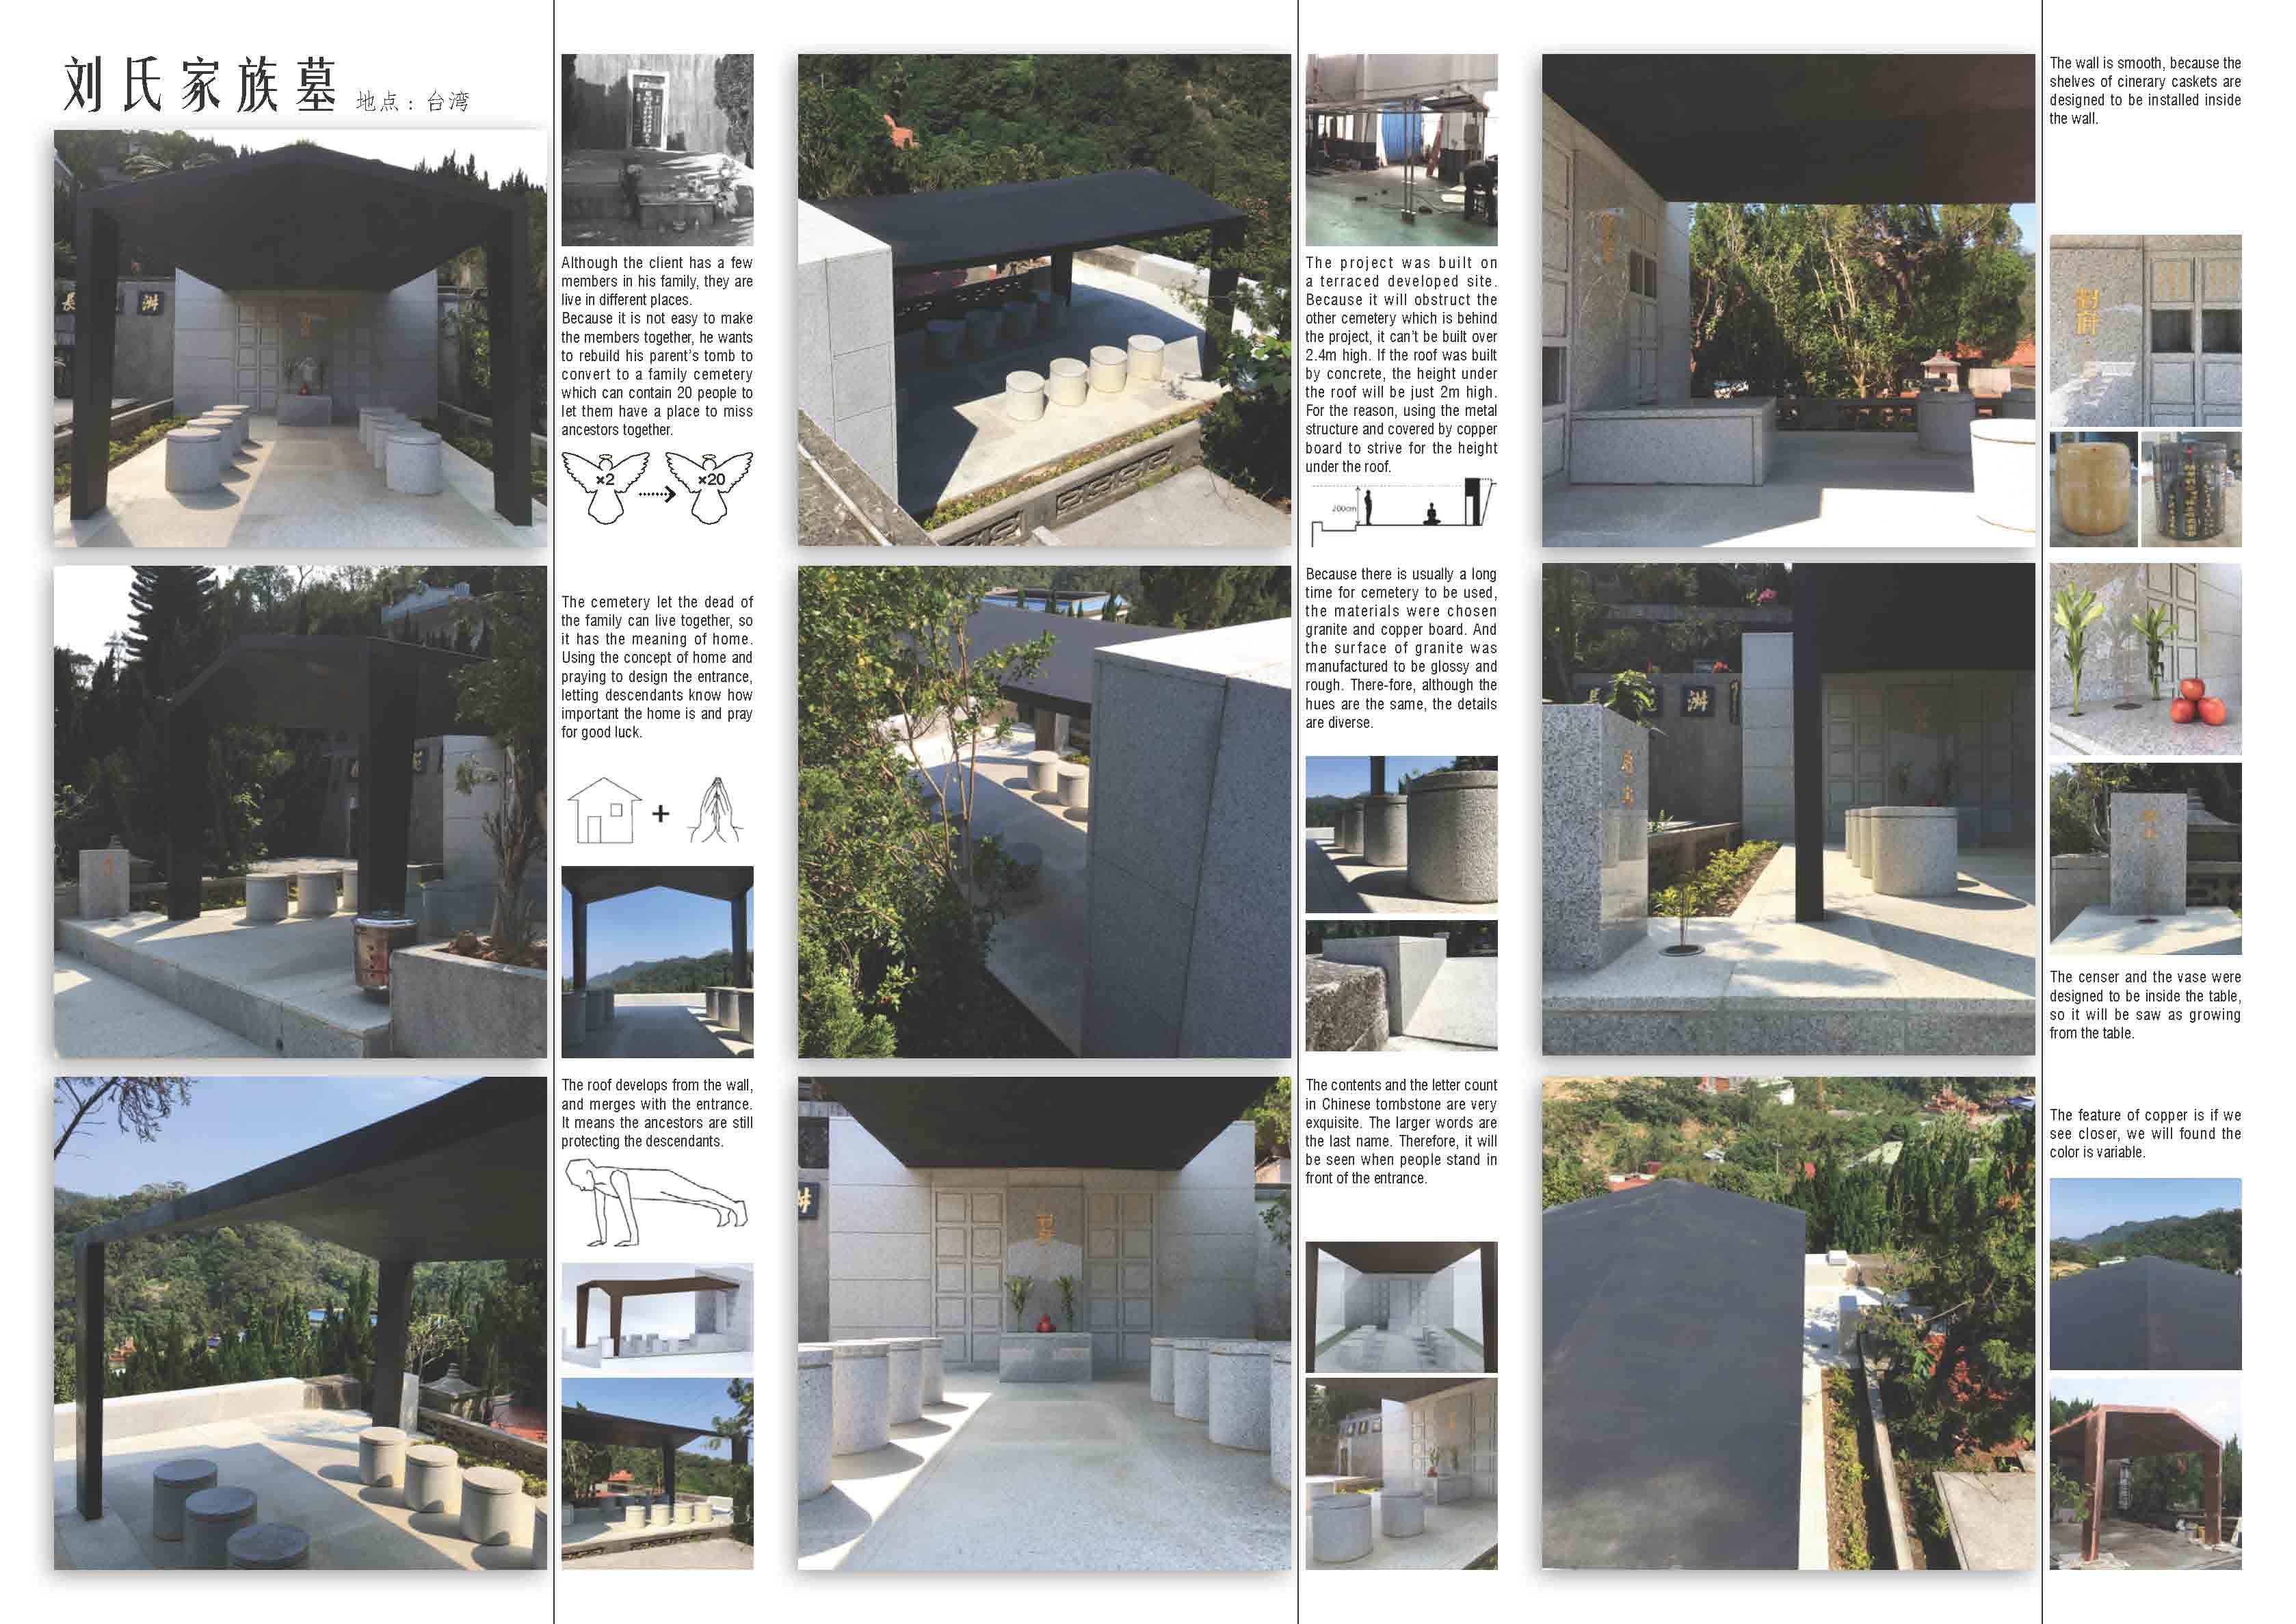 刘氏家族墓建筑设计